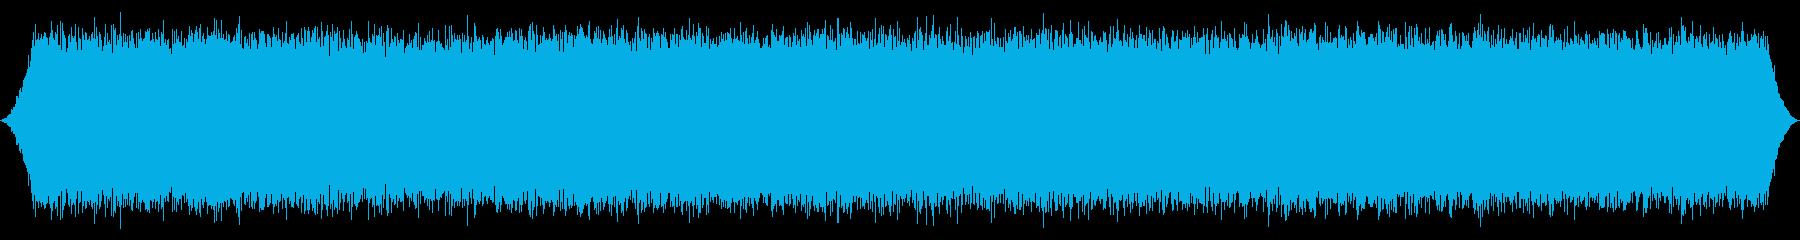 ホワイトウォーターラッシュウィンド...の再生済みの波形